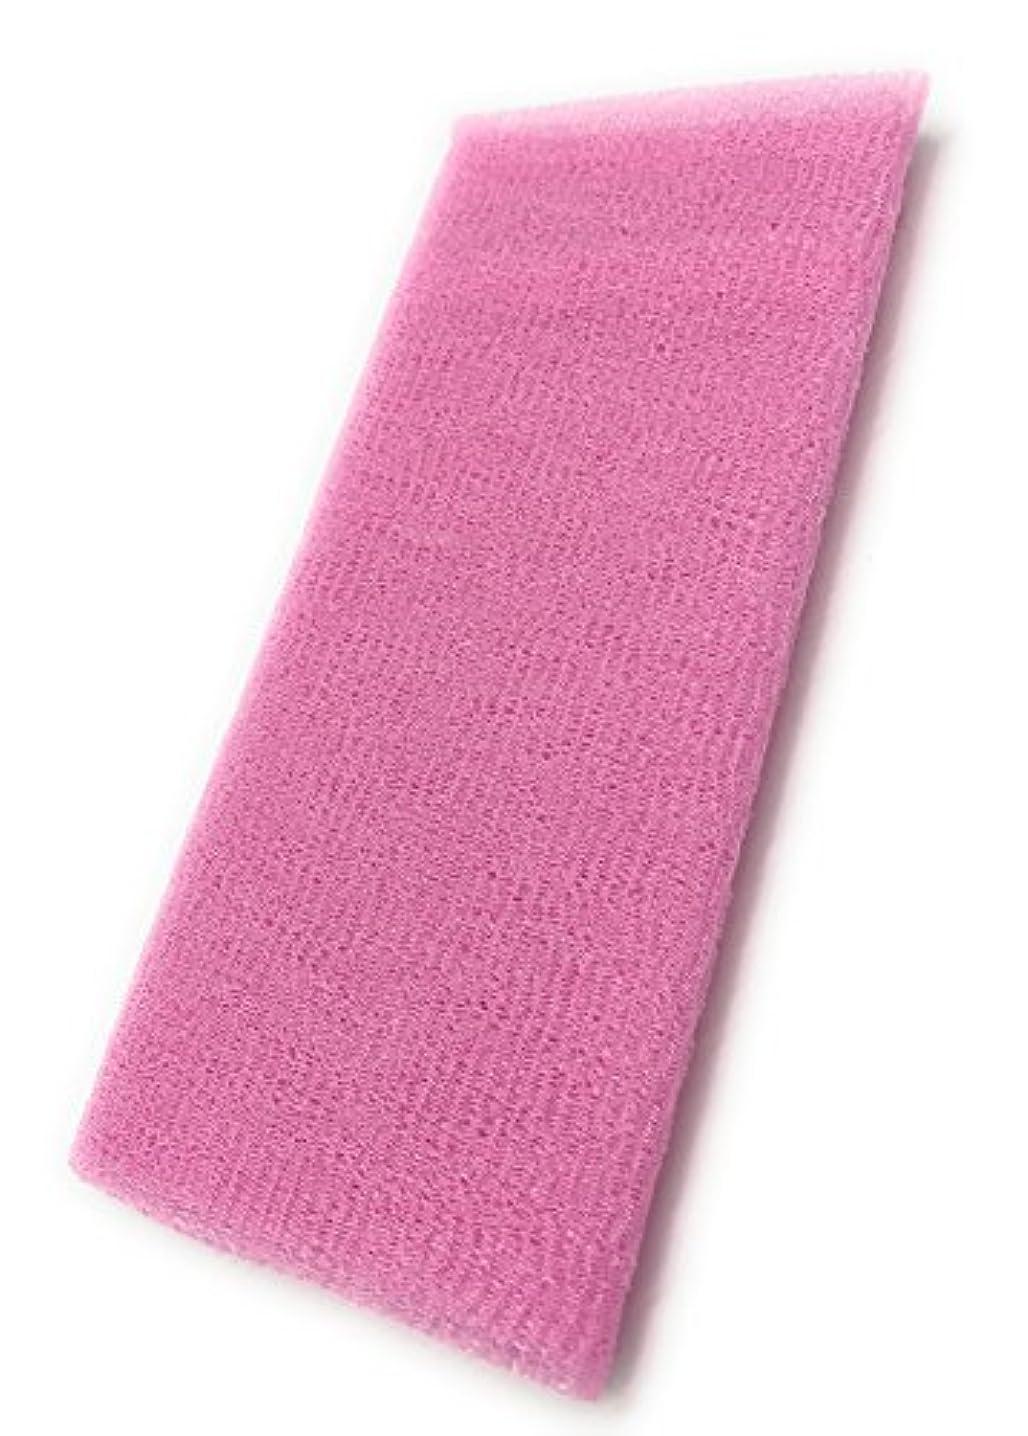 時間厳守恥平方Maltose あかすりタオル ボディタオル ロングボディブラシ やわらか 濃密泡 背中 お風呂用 メンズ 5色 (ピンク)